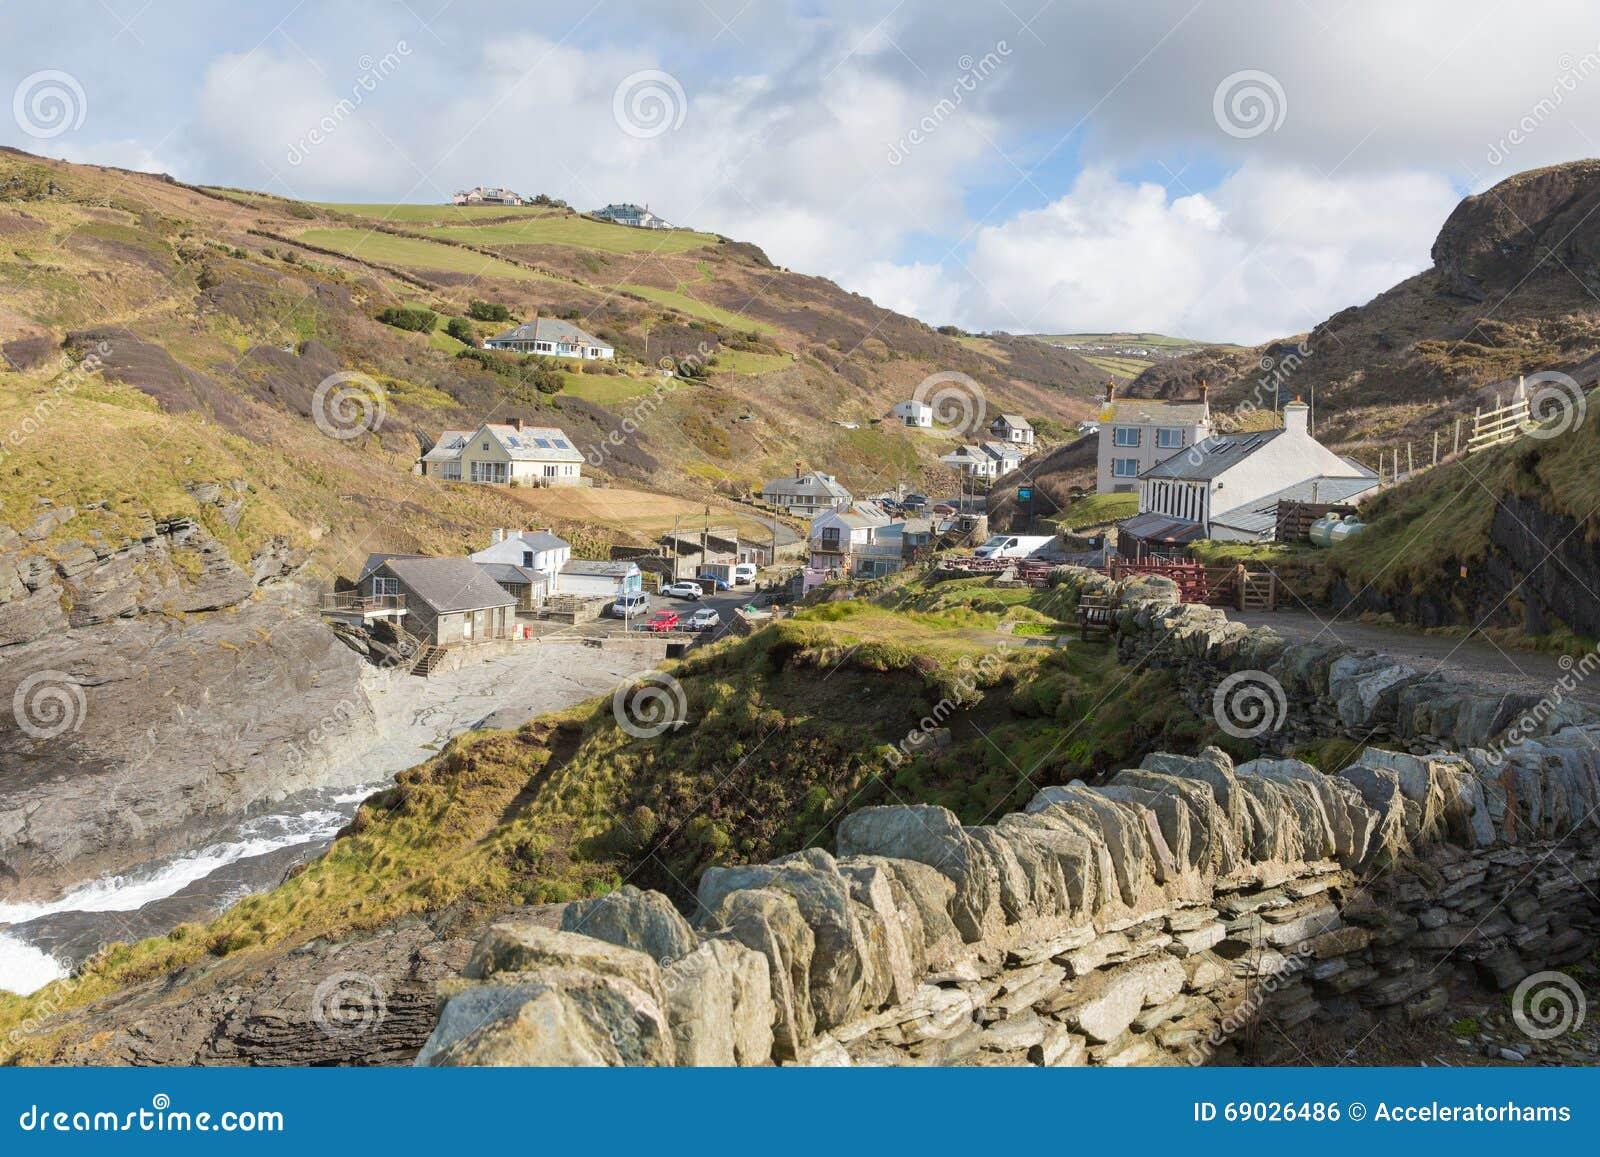 Vila BRITÂNICA norte da costa de Cornualha Inglaterra da costa de Trebarwith entre Tintagel e porto Isaac com parede de pedra e t